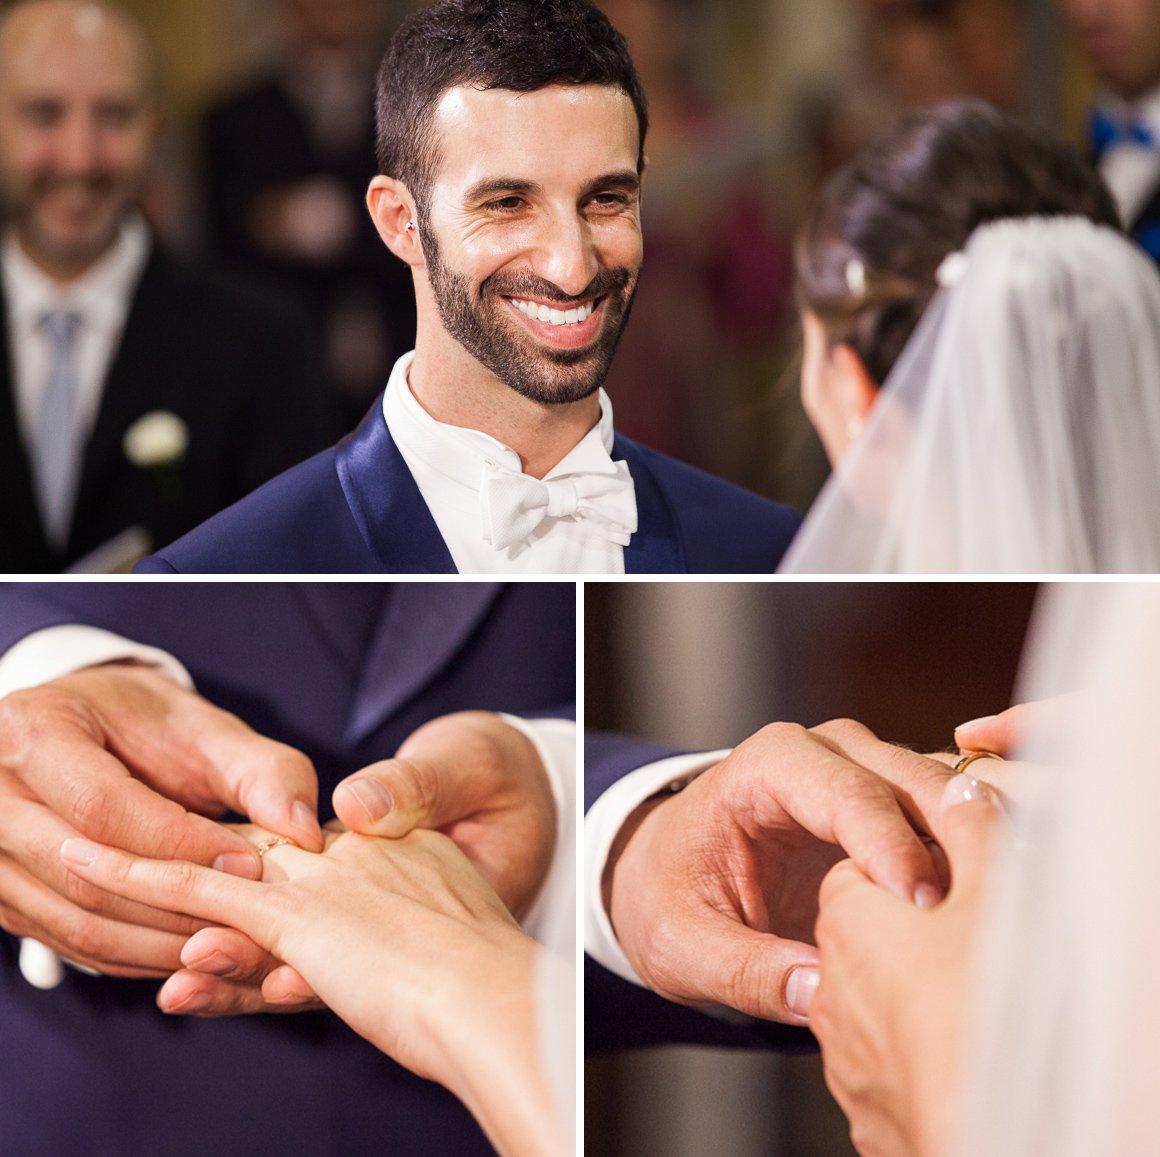 Servizio fotografico di matrimonio. La cerimonia, gli anelli